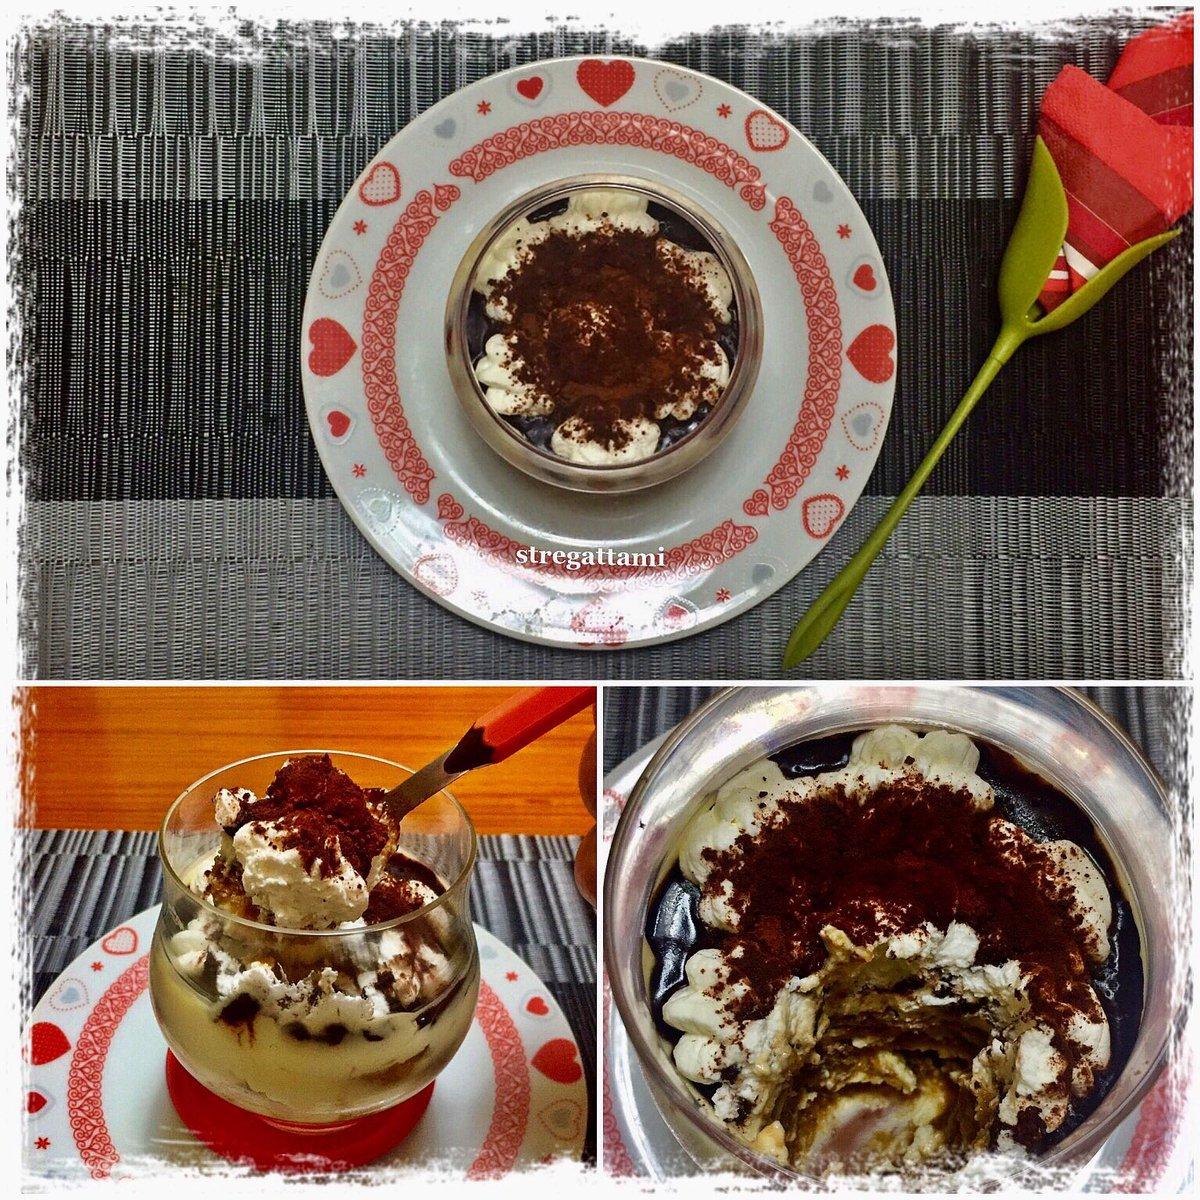 """Oggi nella mia cucina ho preparato il """"Tiramisù"""" versione stregattami#NellaMiaCucina #recipe #madeinhome #cheflife #iorestoacasaecucino #ricette #moodoftheday #andratuttosuifianchi #tiramisù #4giugno #4June #ThursdayMotivation #thursdaymood #Thursday #accadeoggi #dessertpic.twitter.com/0mRbZo7u7H"""